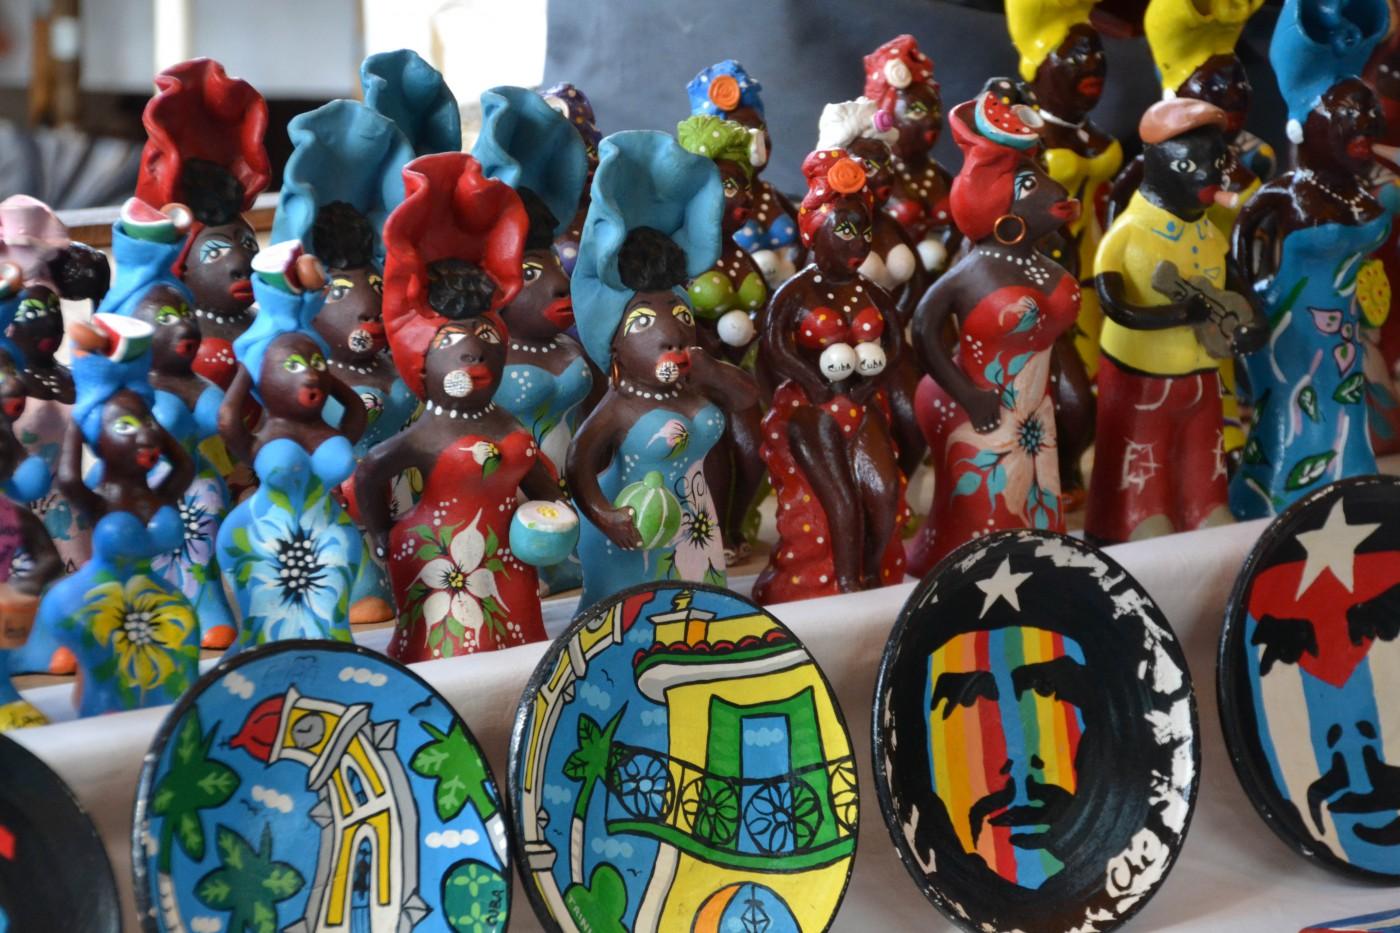 Kunsthandwerk auf dem Markt in Trinidad, Kuba